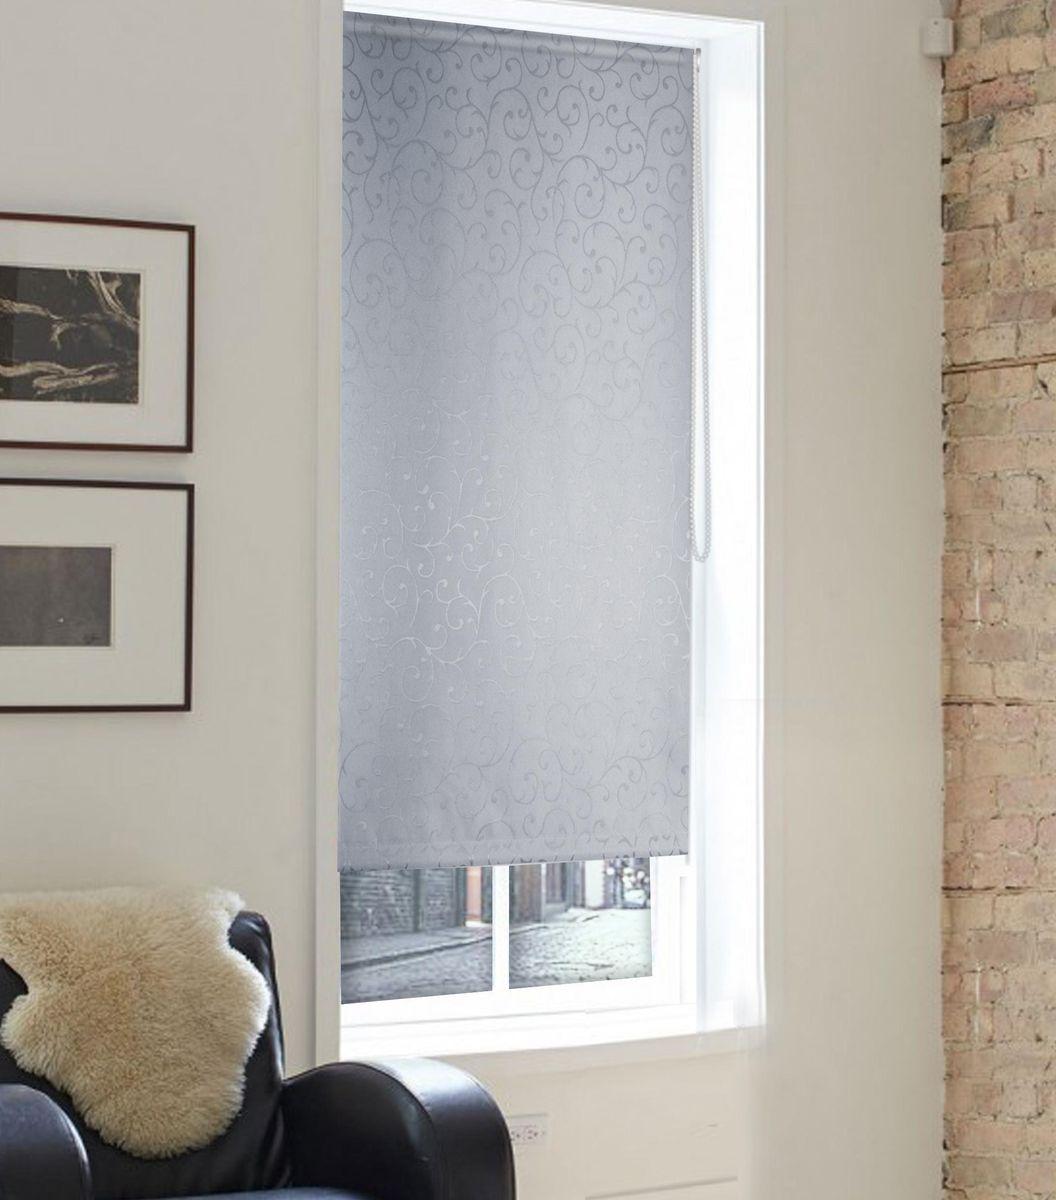 Штора рулонная Эскар Агат, цвет: серый, ширина 140 см, высота 160 смZ-0307Рулонными шторами можно оформлять окна как самостоятельно, так и использовать в комбинации с портьерами. Это поможет предотвратить выгорание дорогой ткани на солнце и соединит функционал рулонных с красотой навесных.Преимущества применения рулонных штор для пластиковых окон:- имеют прекрасный внешний вид: многообразие и фактурность материала изделия отлично смотрятся в любом интерьере; - многофункциональны: есть возможность подобрать шторы способные эффективно защитить комнату от солнца, при этом она не будет слишком темной.- Есть возможность осуществить быстрый монтаж.ВНИМАНИЕ! Размеры ширины изделия указаны по ширине ткани!Во время эксплуатации не рекомендуется полностью разматывать рулон, чтобы не оторвать ткань от намоточного вала.В случае загрязнения поверхности ткани, чистку шторы проводят одним из способов, в зависимости от типа загрязнения: легкое поверхностное загрязнение можно удалить при помощи канцелярского ластика; чистка от пыли производится сухим методом при помощи пылесоса с мягкой щеткой-насадкой; для удаления пятна используйте мягкую губку с пенообразующим неагрессивным моющим средством или пятновыводитель на натуральной основе (нельзя применять растворители).